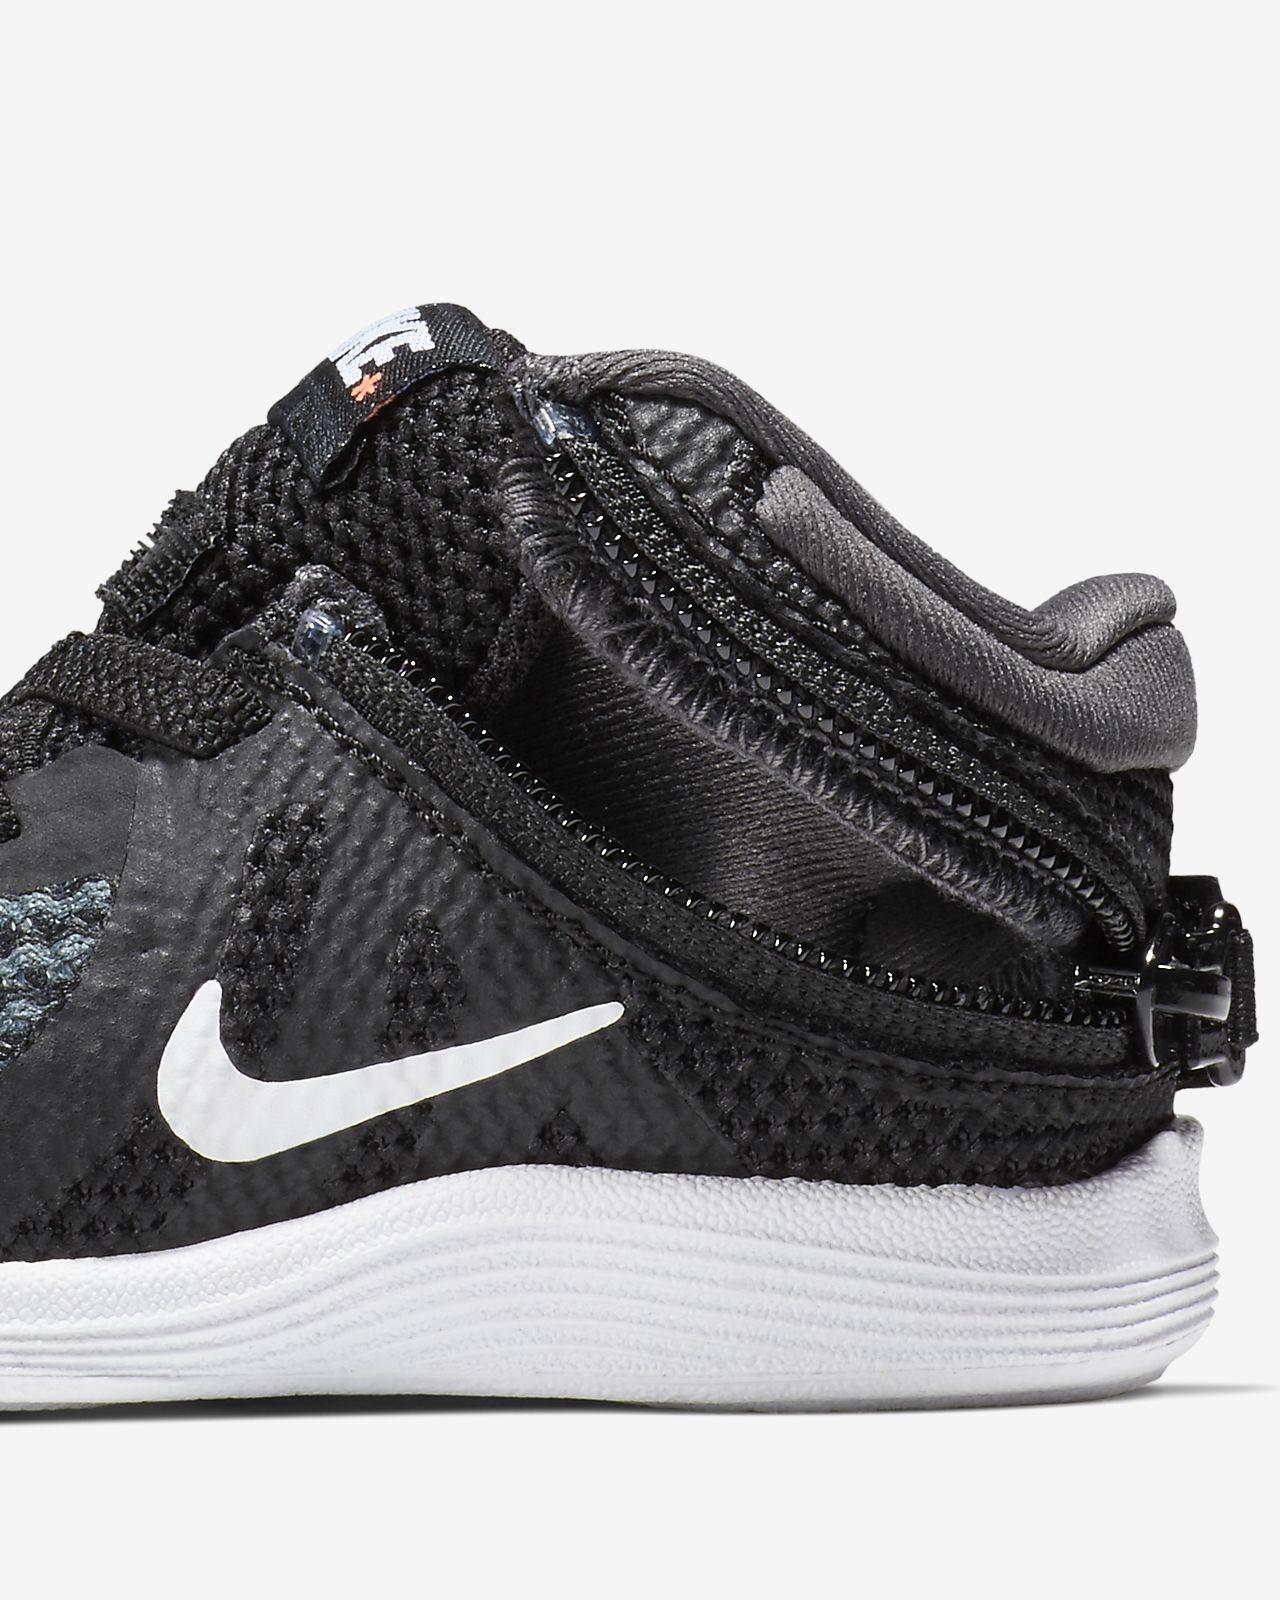 Flyease Chaussure 4 Enfant Revolution Pour Nike Petit Bébé Et uT1c3Fl5KJ